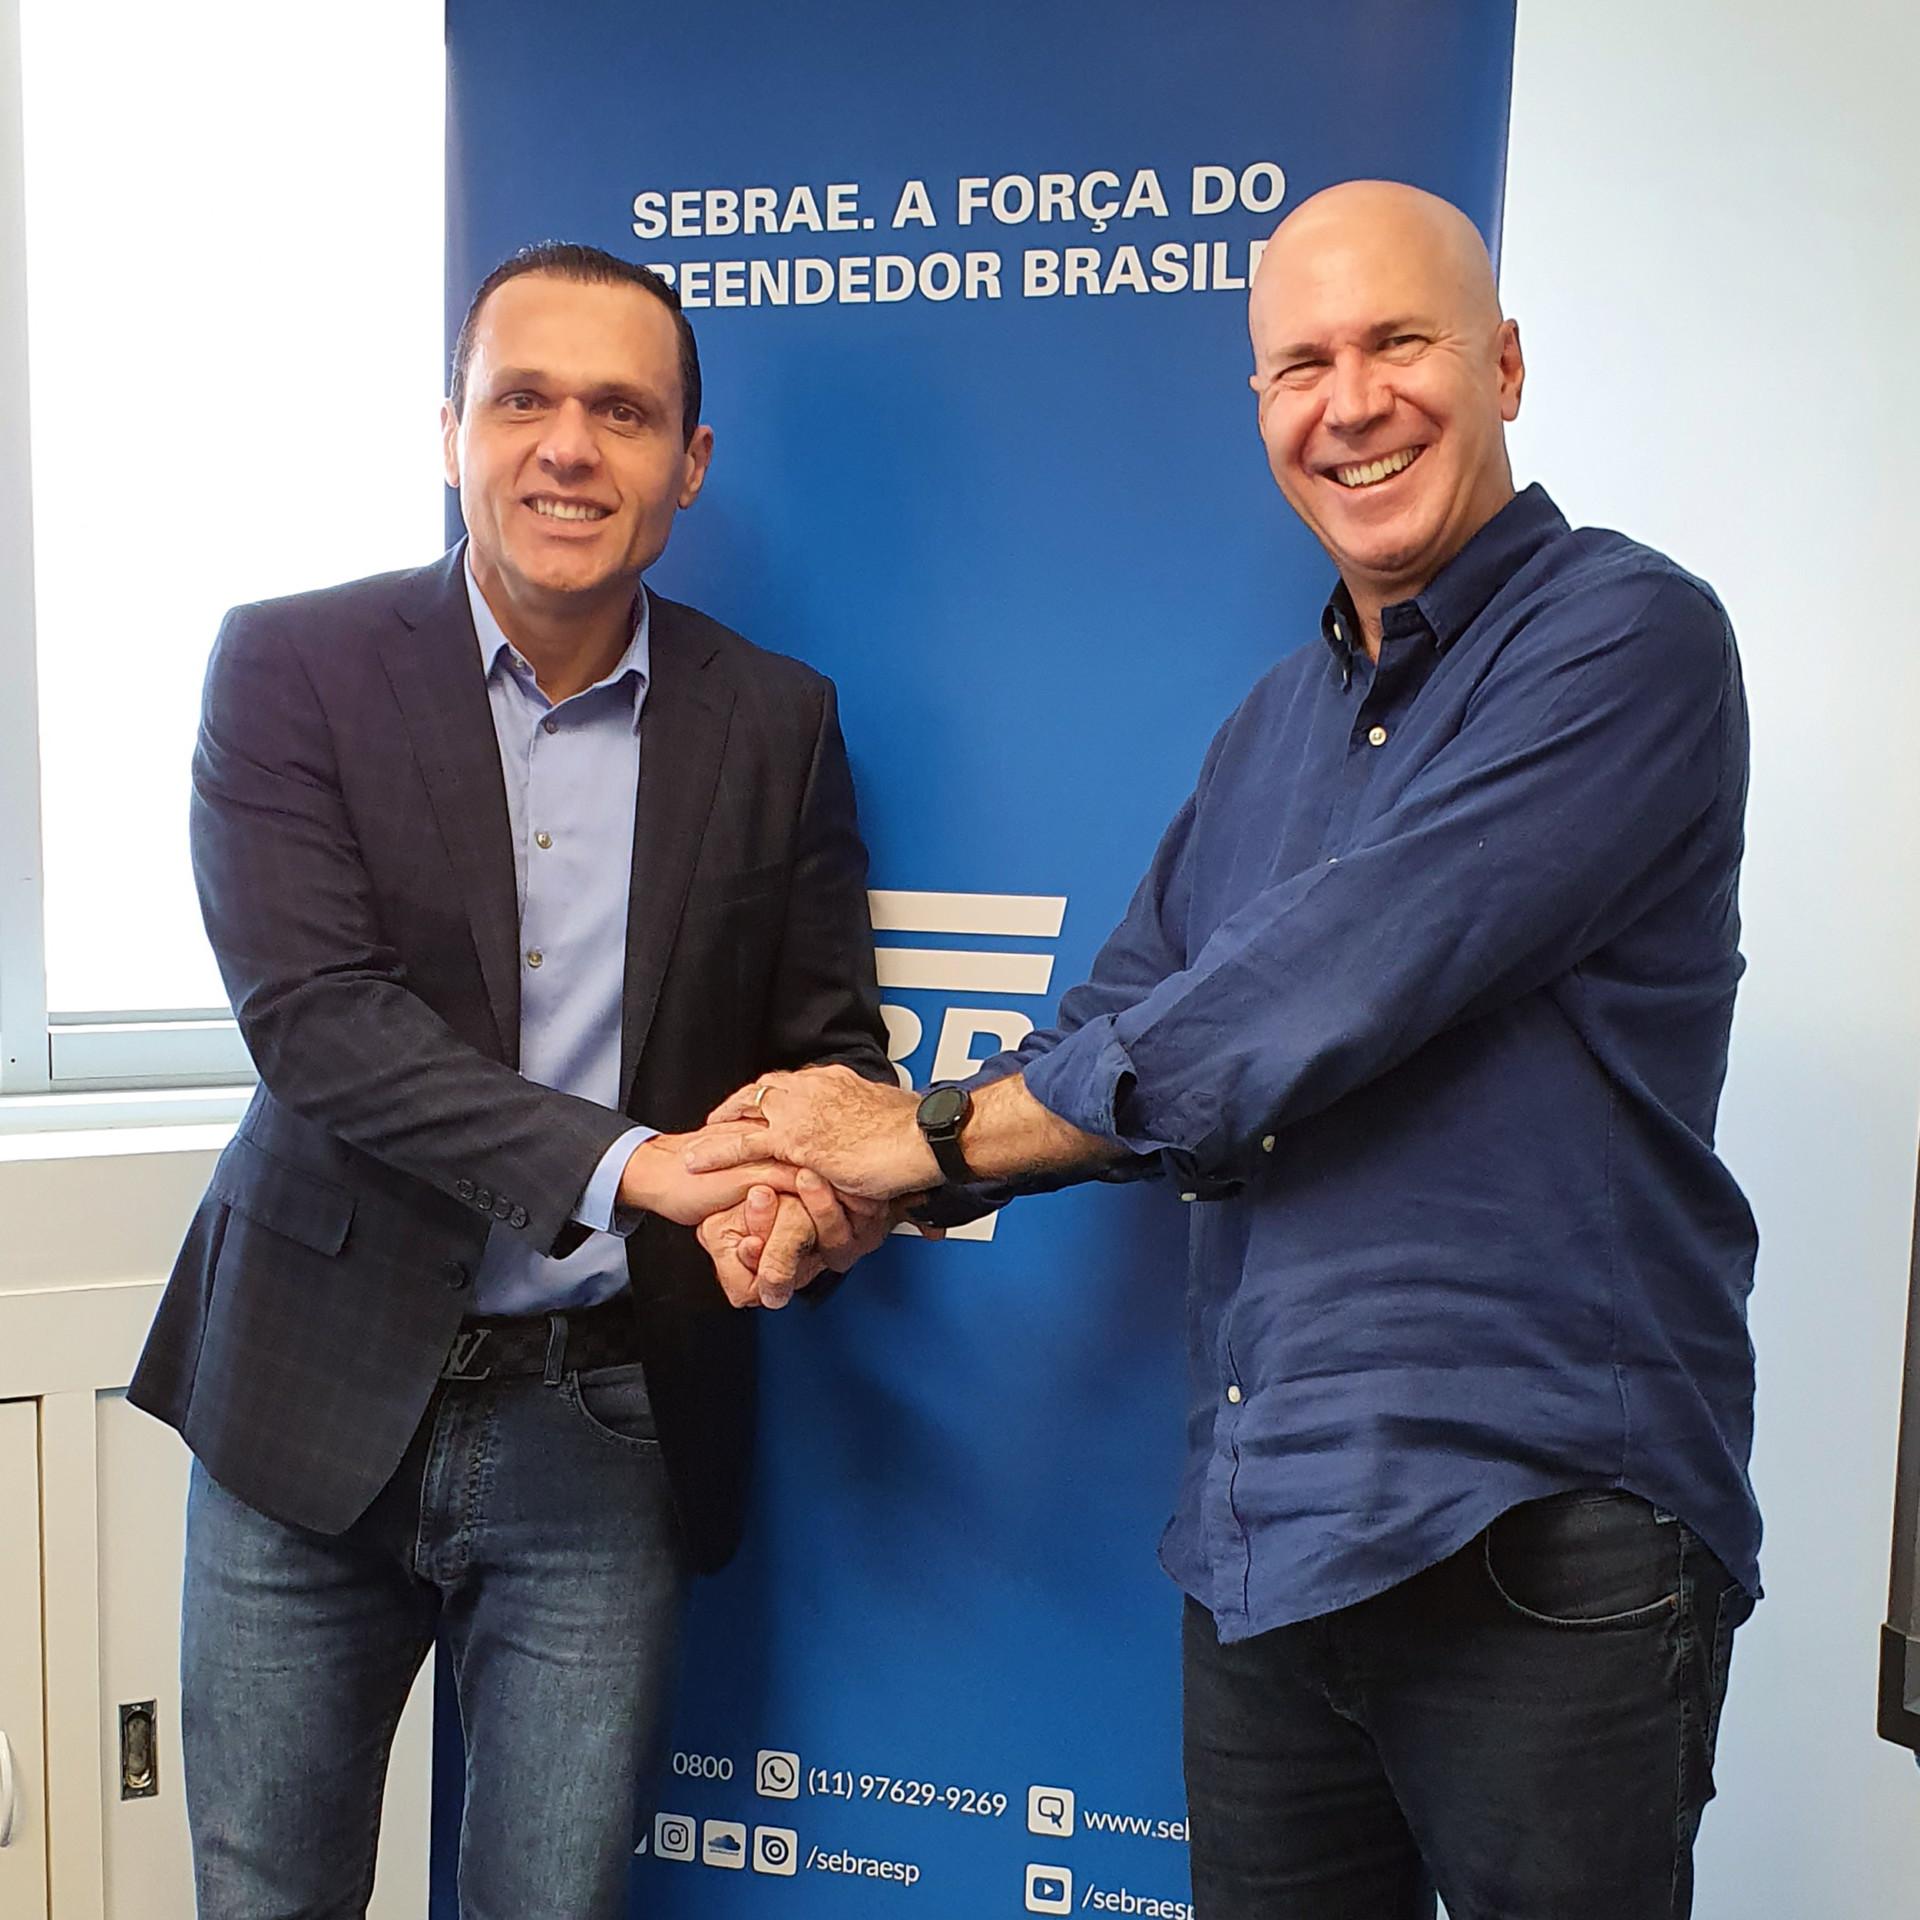 Eduardo Diogo e Wilson Poit conversam com equipe dos departamentos Jurídico e da Secretaria Geral Sebrae/SP